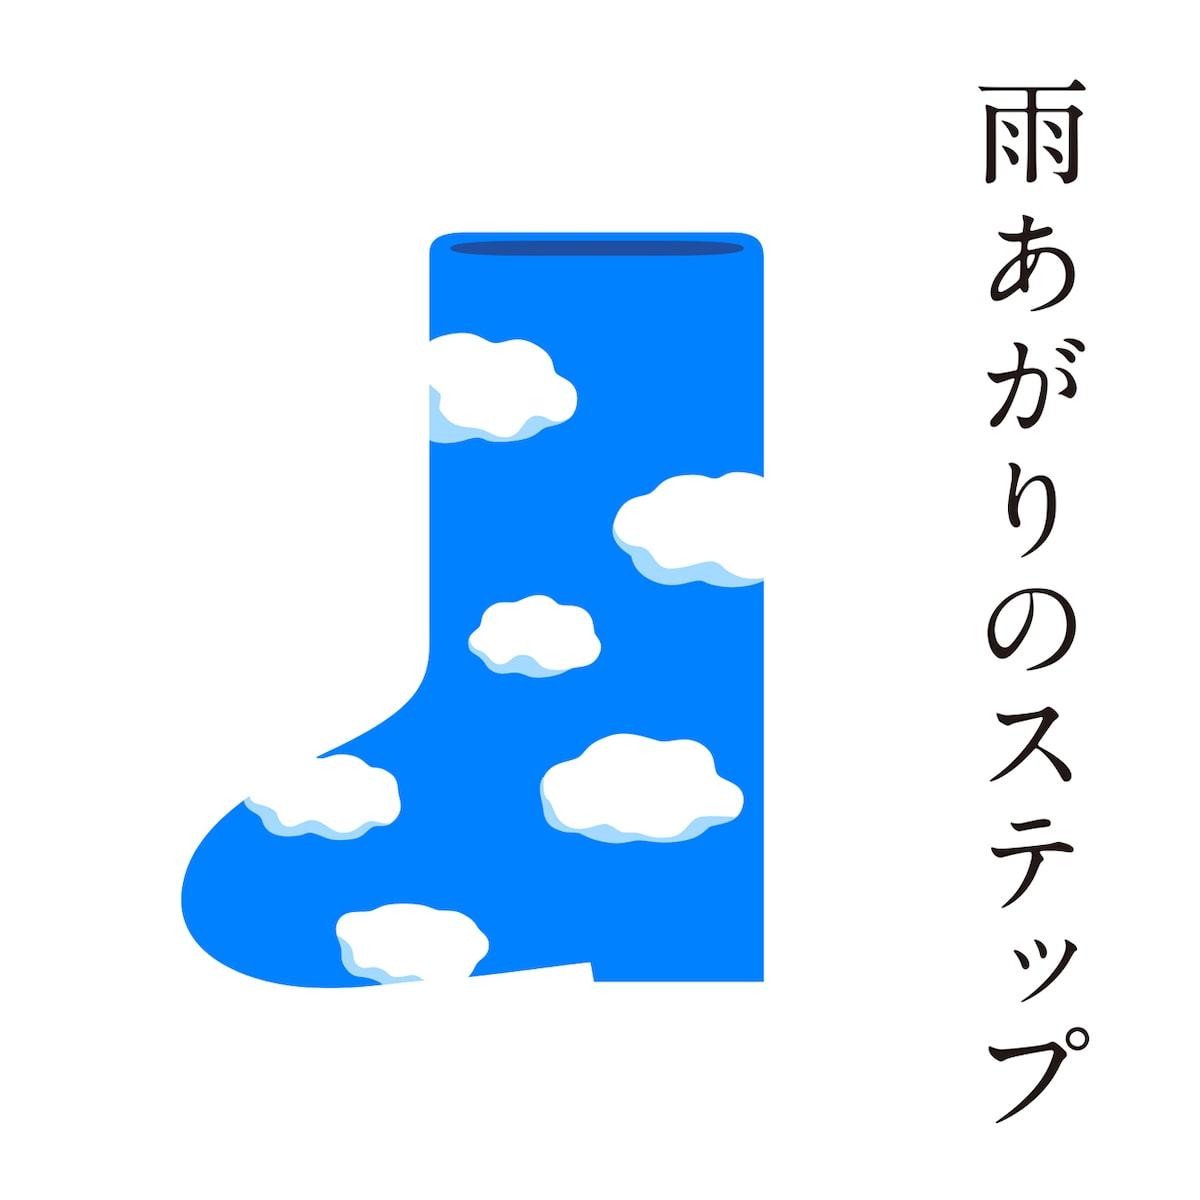 新しい地図「雨あがりのステップ」をワーナーから発表、売上はパラ ...